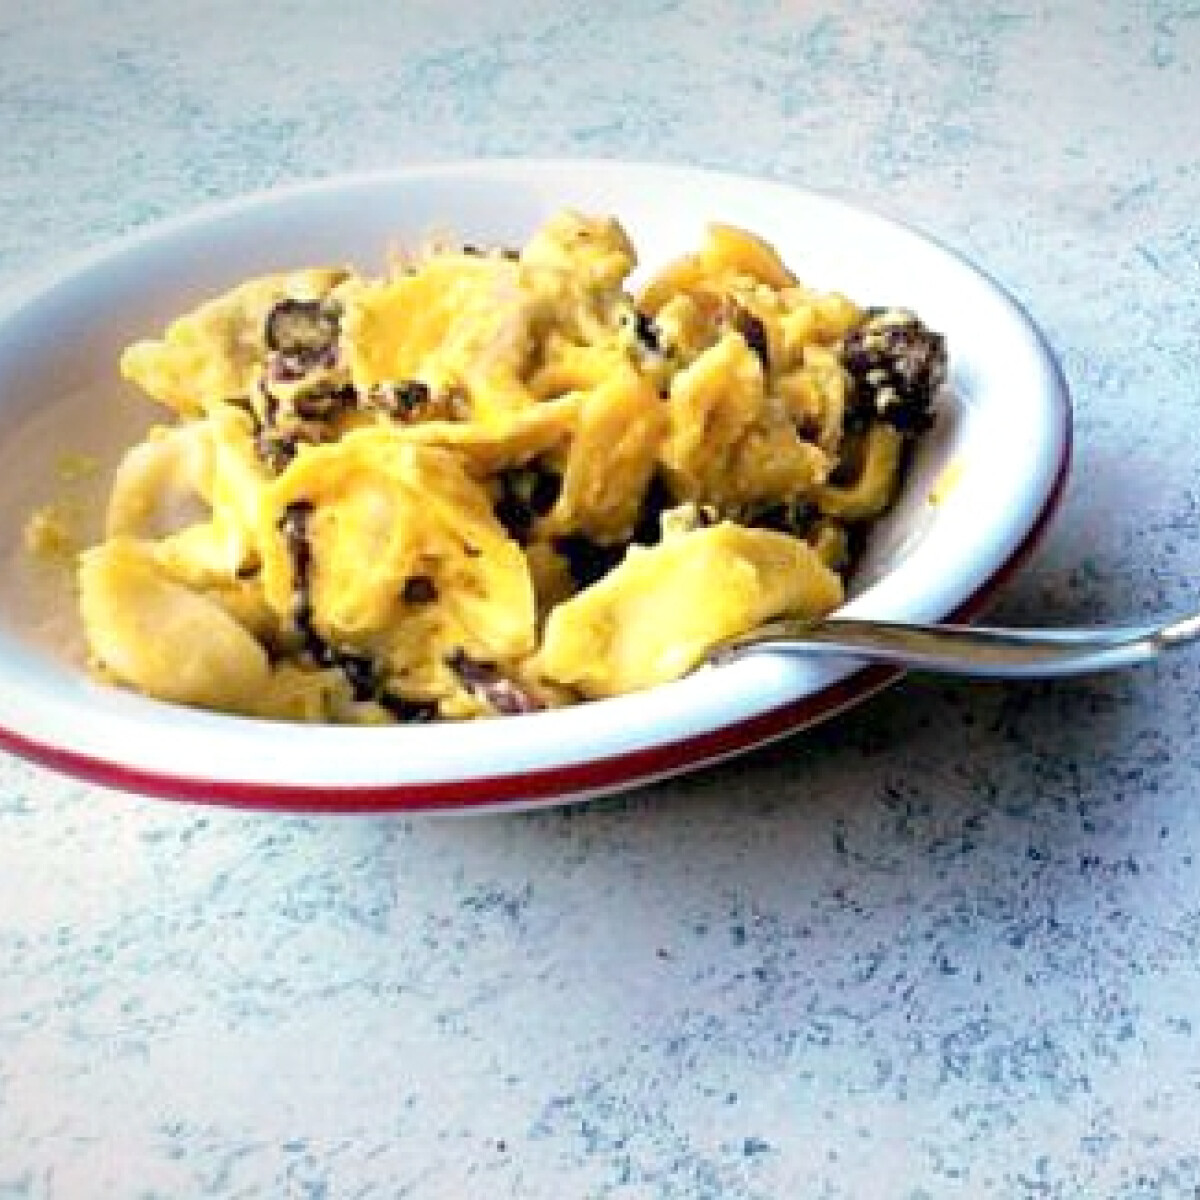 Ezen a képen: Krémes sült carbonara tortellini